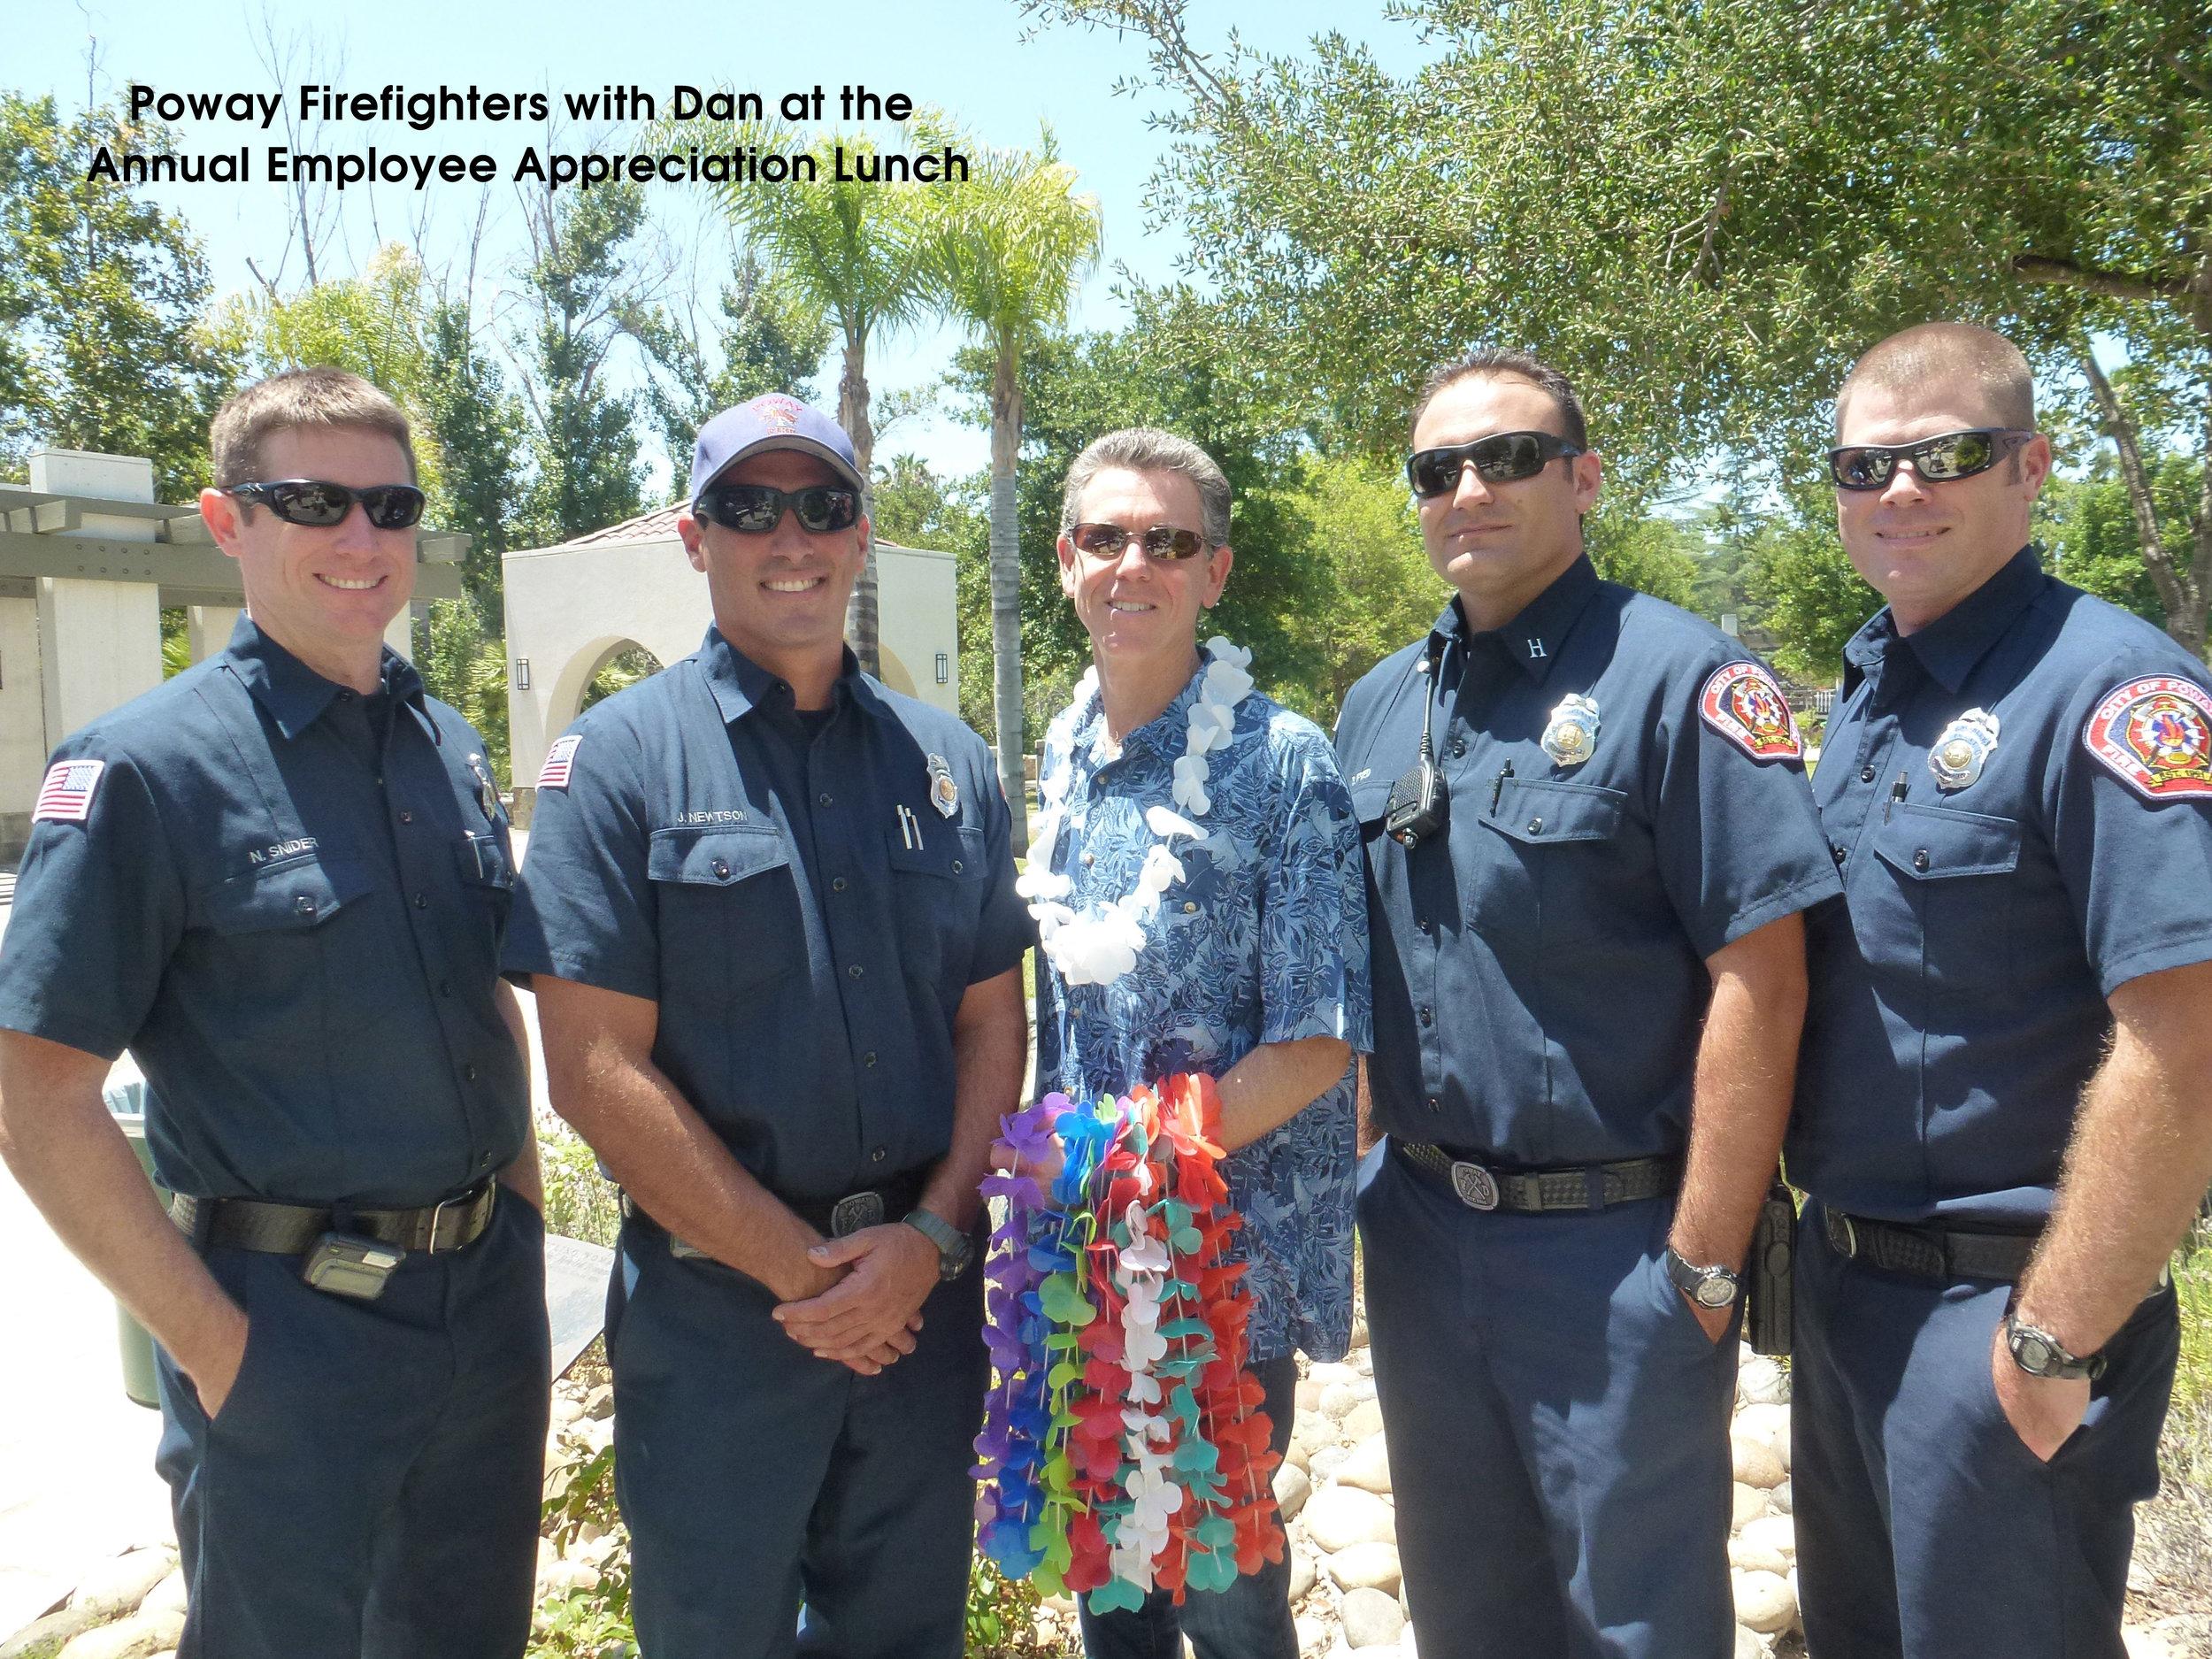 Firefighters_NickSnider,_JaredNewtson_RayFried_Jon Marshall_and_DanSinger_Center.jpg